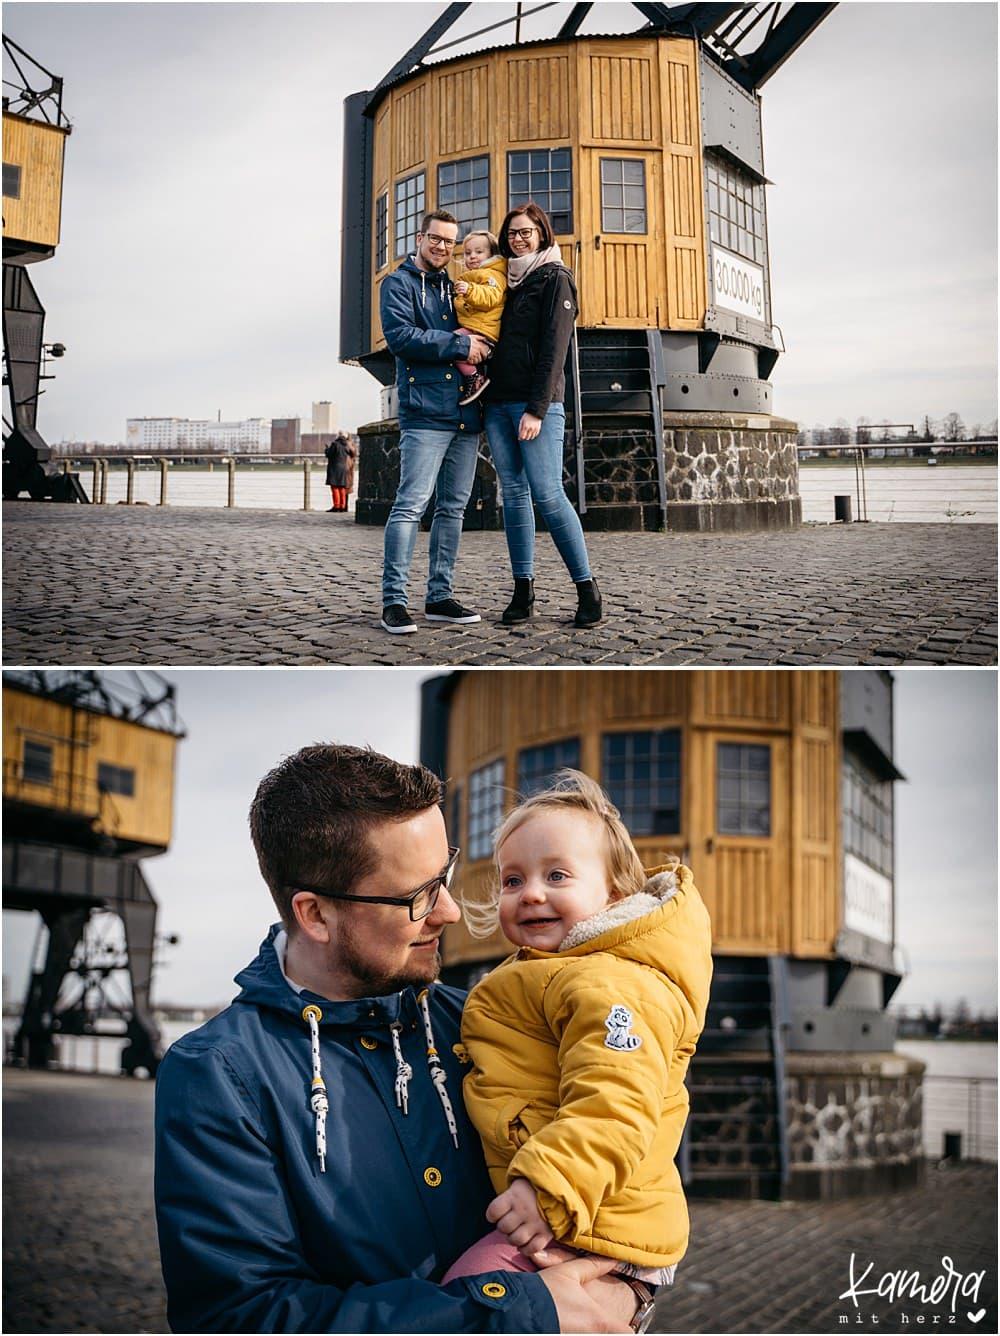 Familienfotos Köln am Rhein